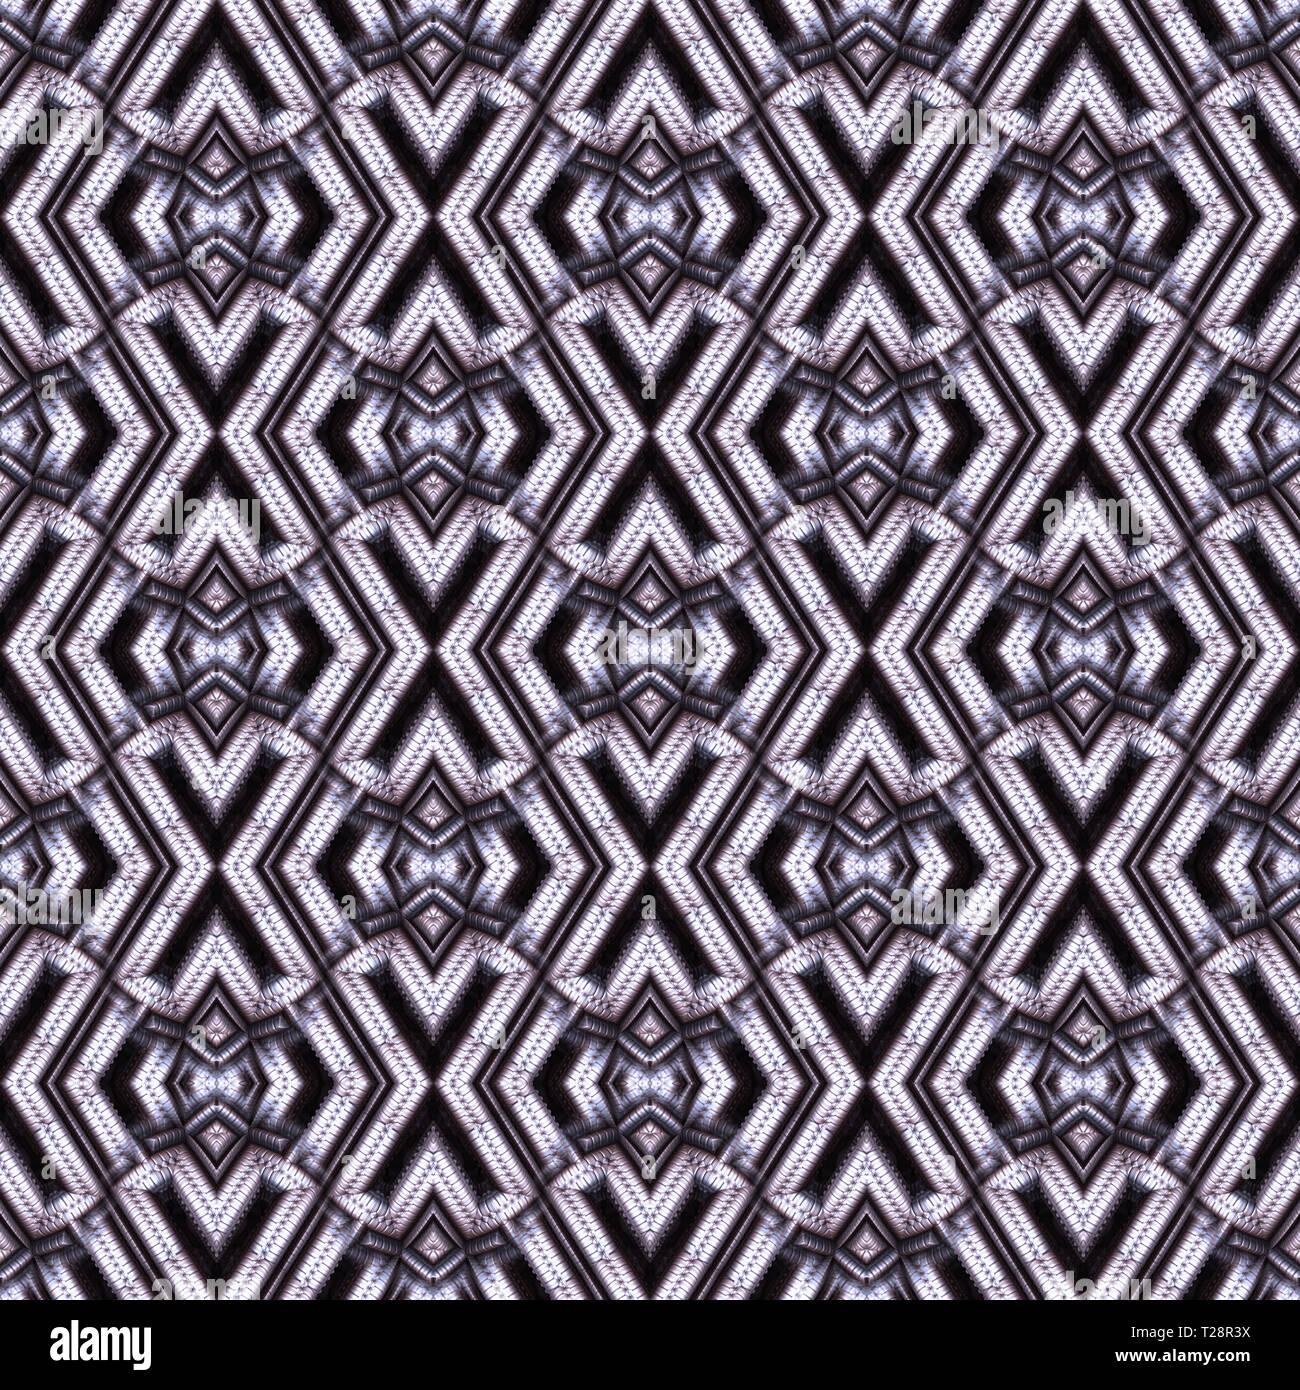 595ae8c4edc Seamless, abstracto y geométrico en 3D, papel pintado de gris. Un patrón  decorativo